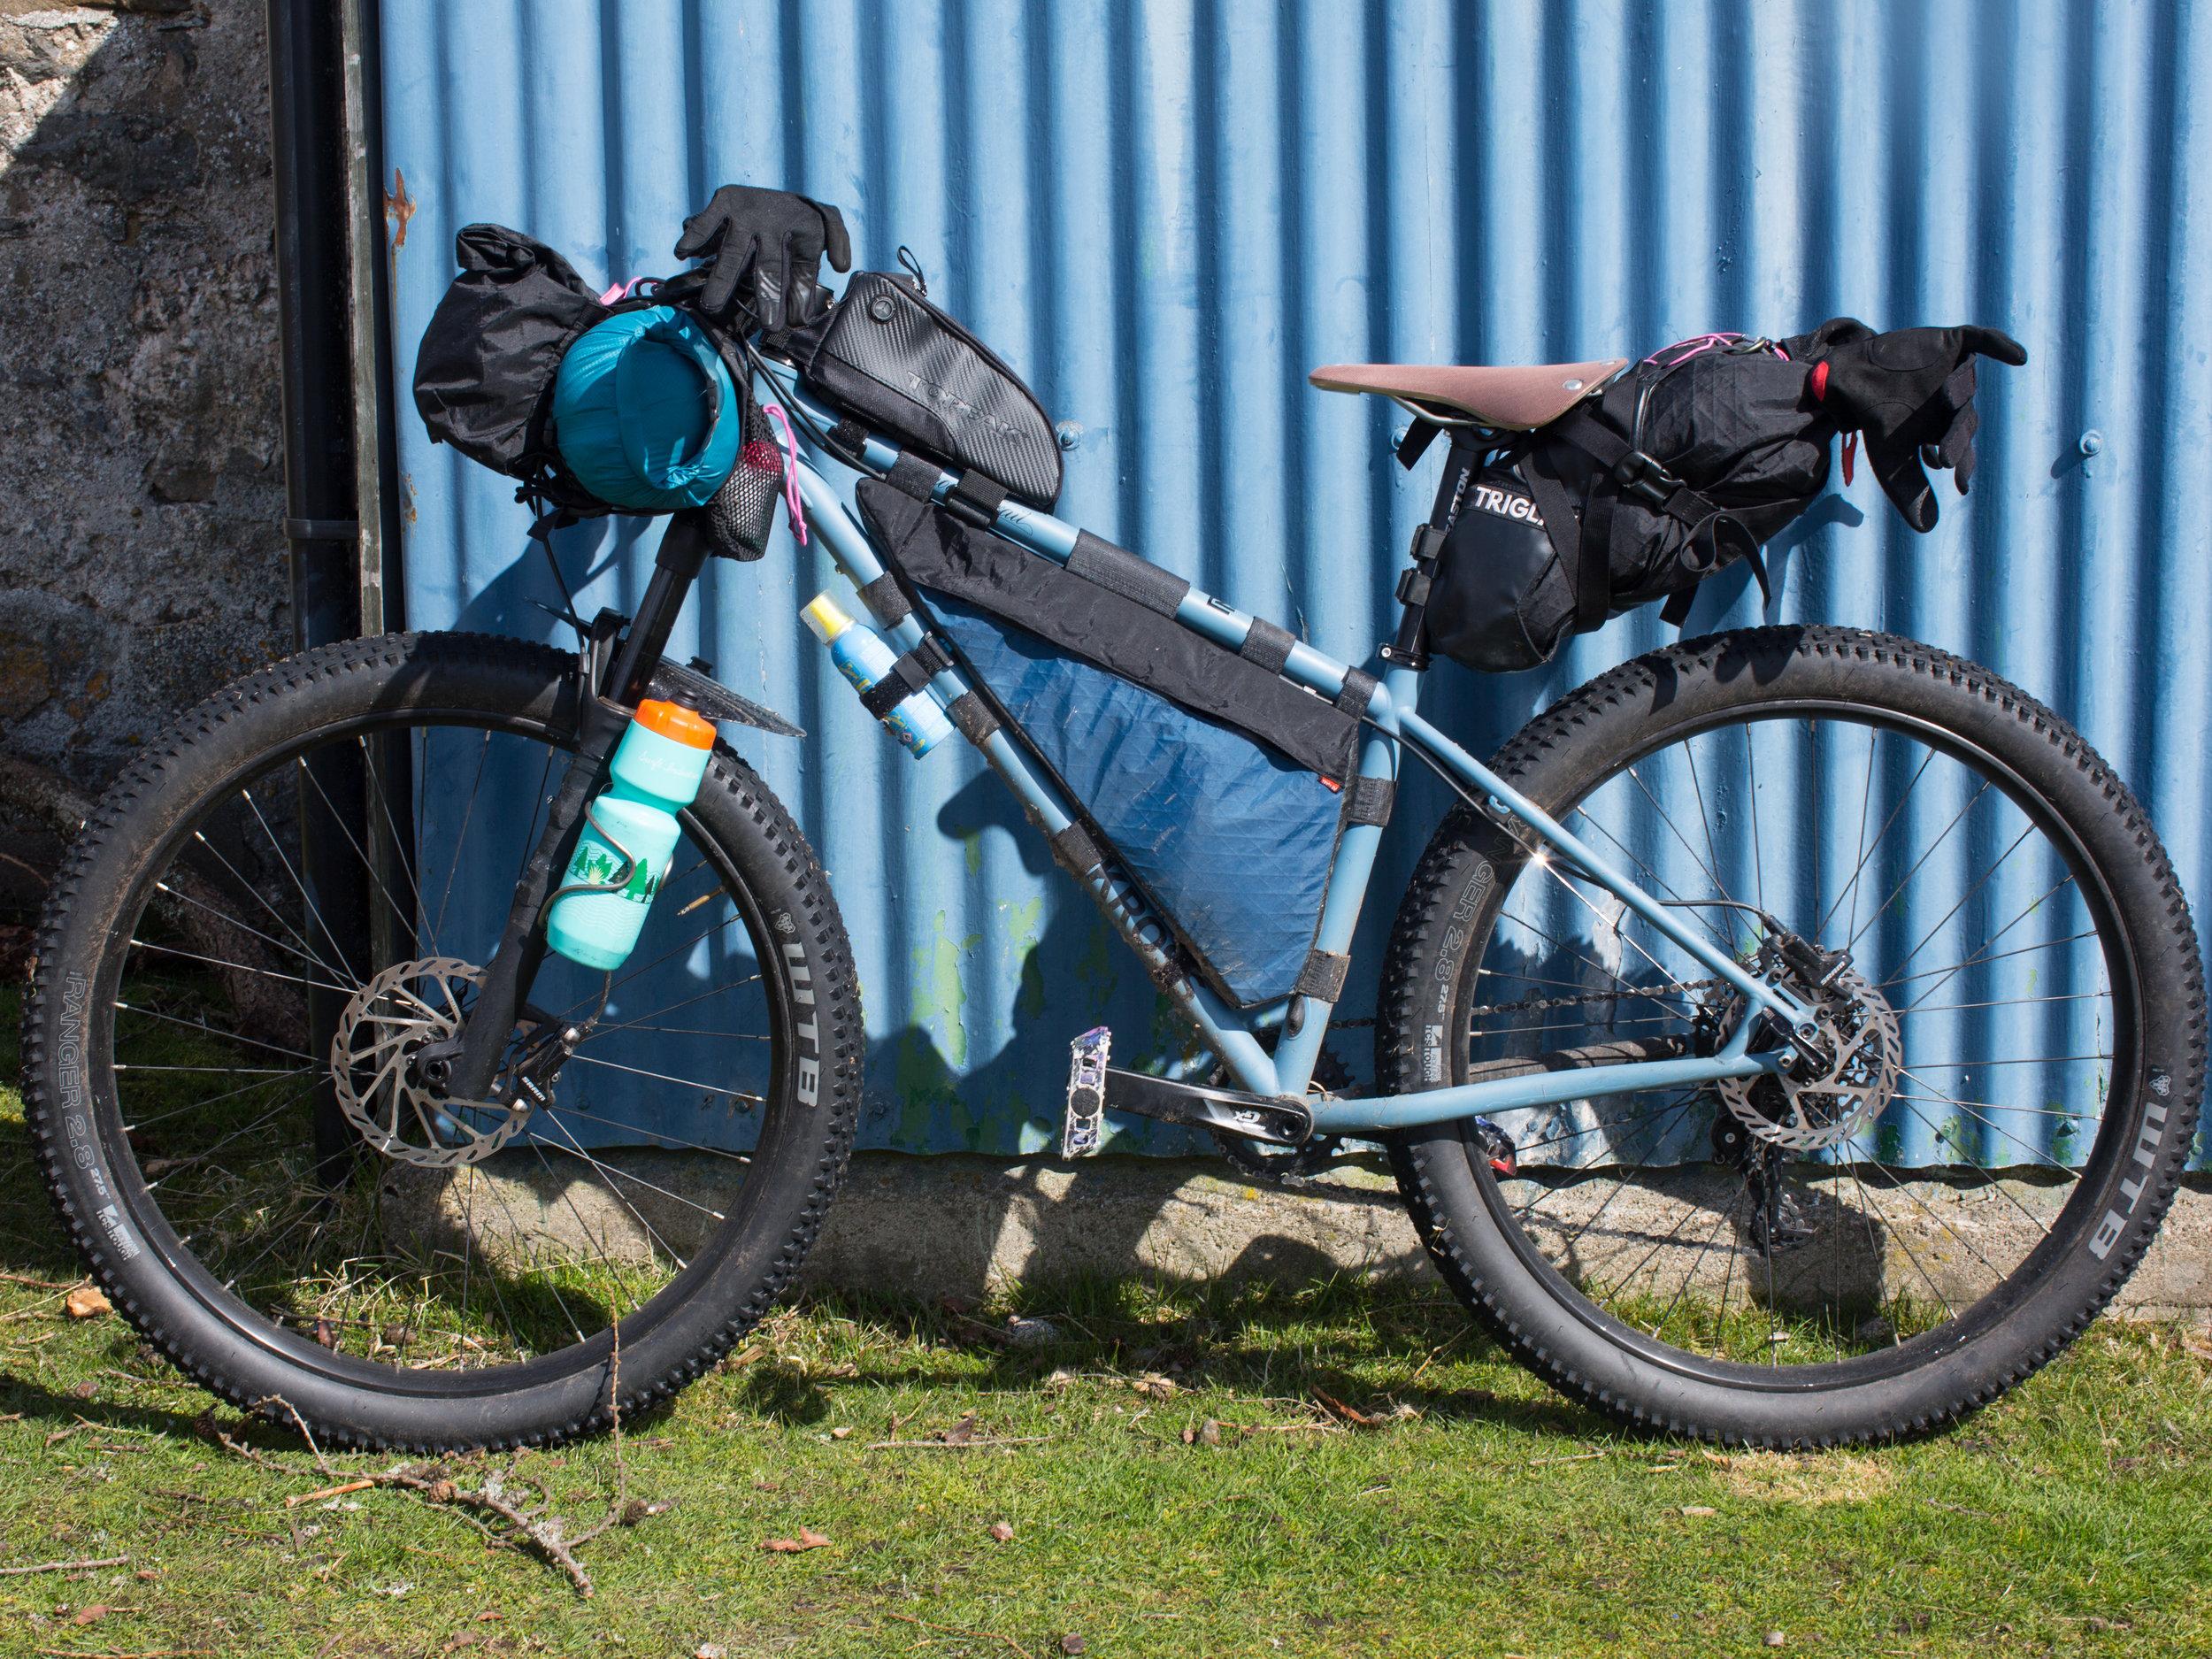 bikepacking, bicycle touring apocalypse, surly, surly bikes, surly karate monkey, karate monkey, bike riding, bicycle touring, steel frame, 29er, bikepacking bags, j paks, carradice, car sick designs, brooks, brooks saddles, jack mac, travel blog, vanlife, vw